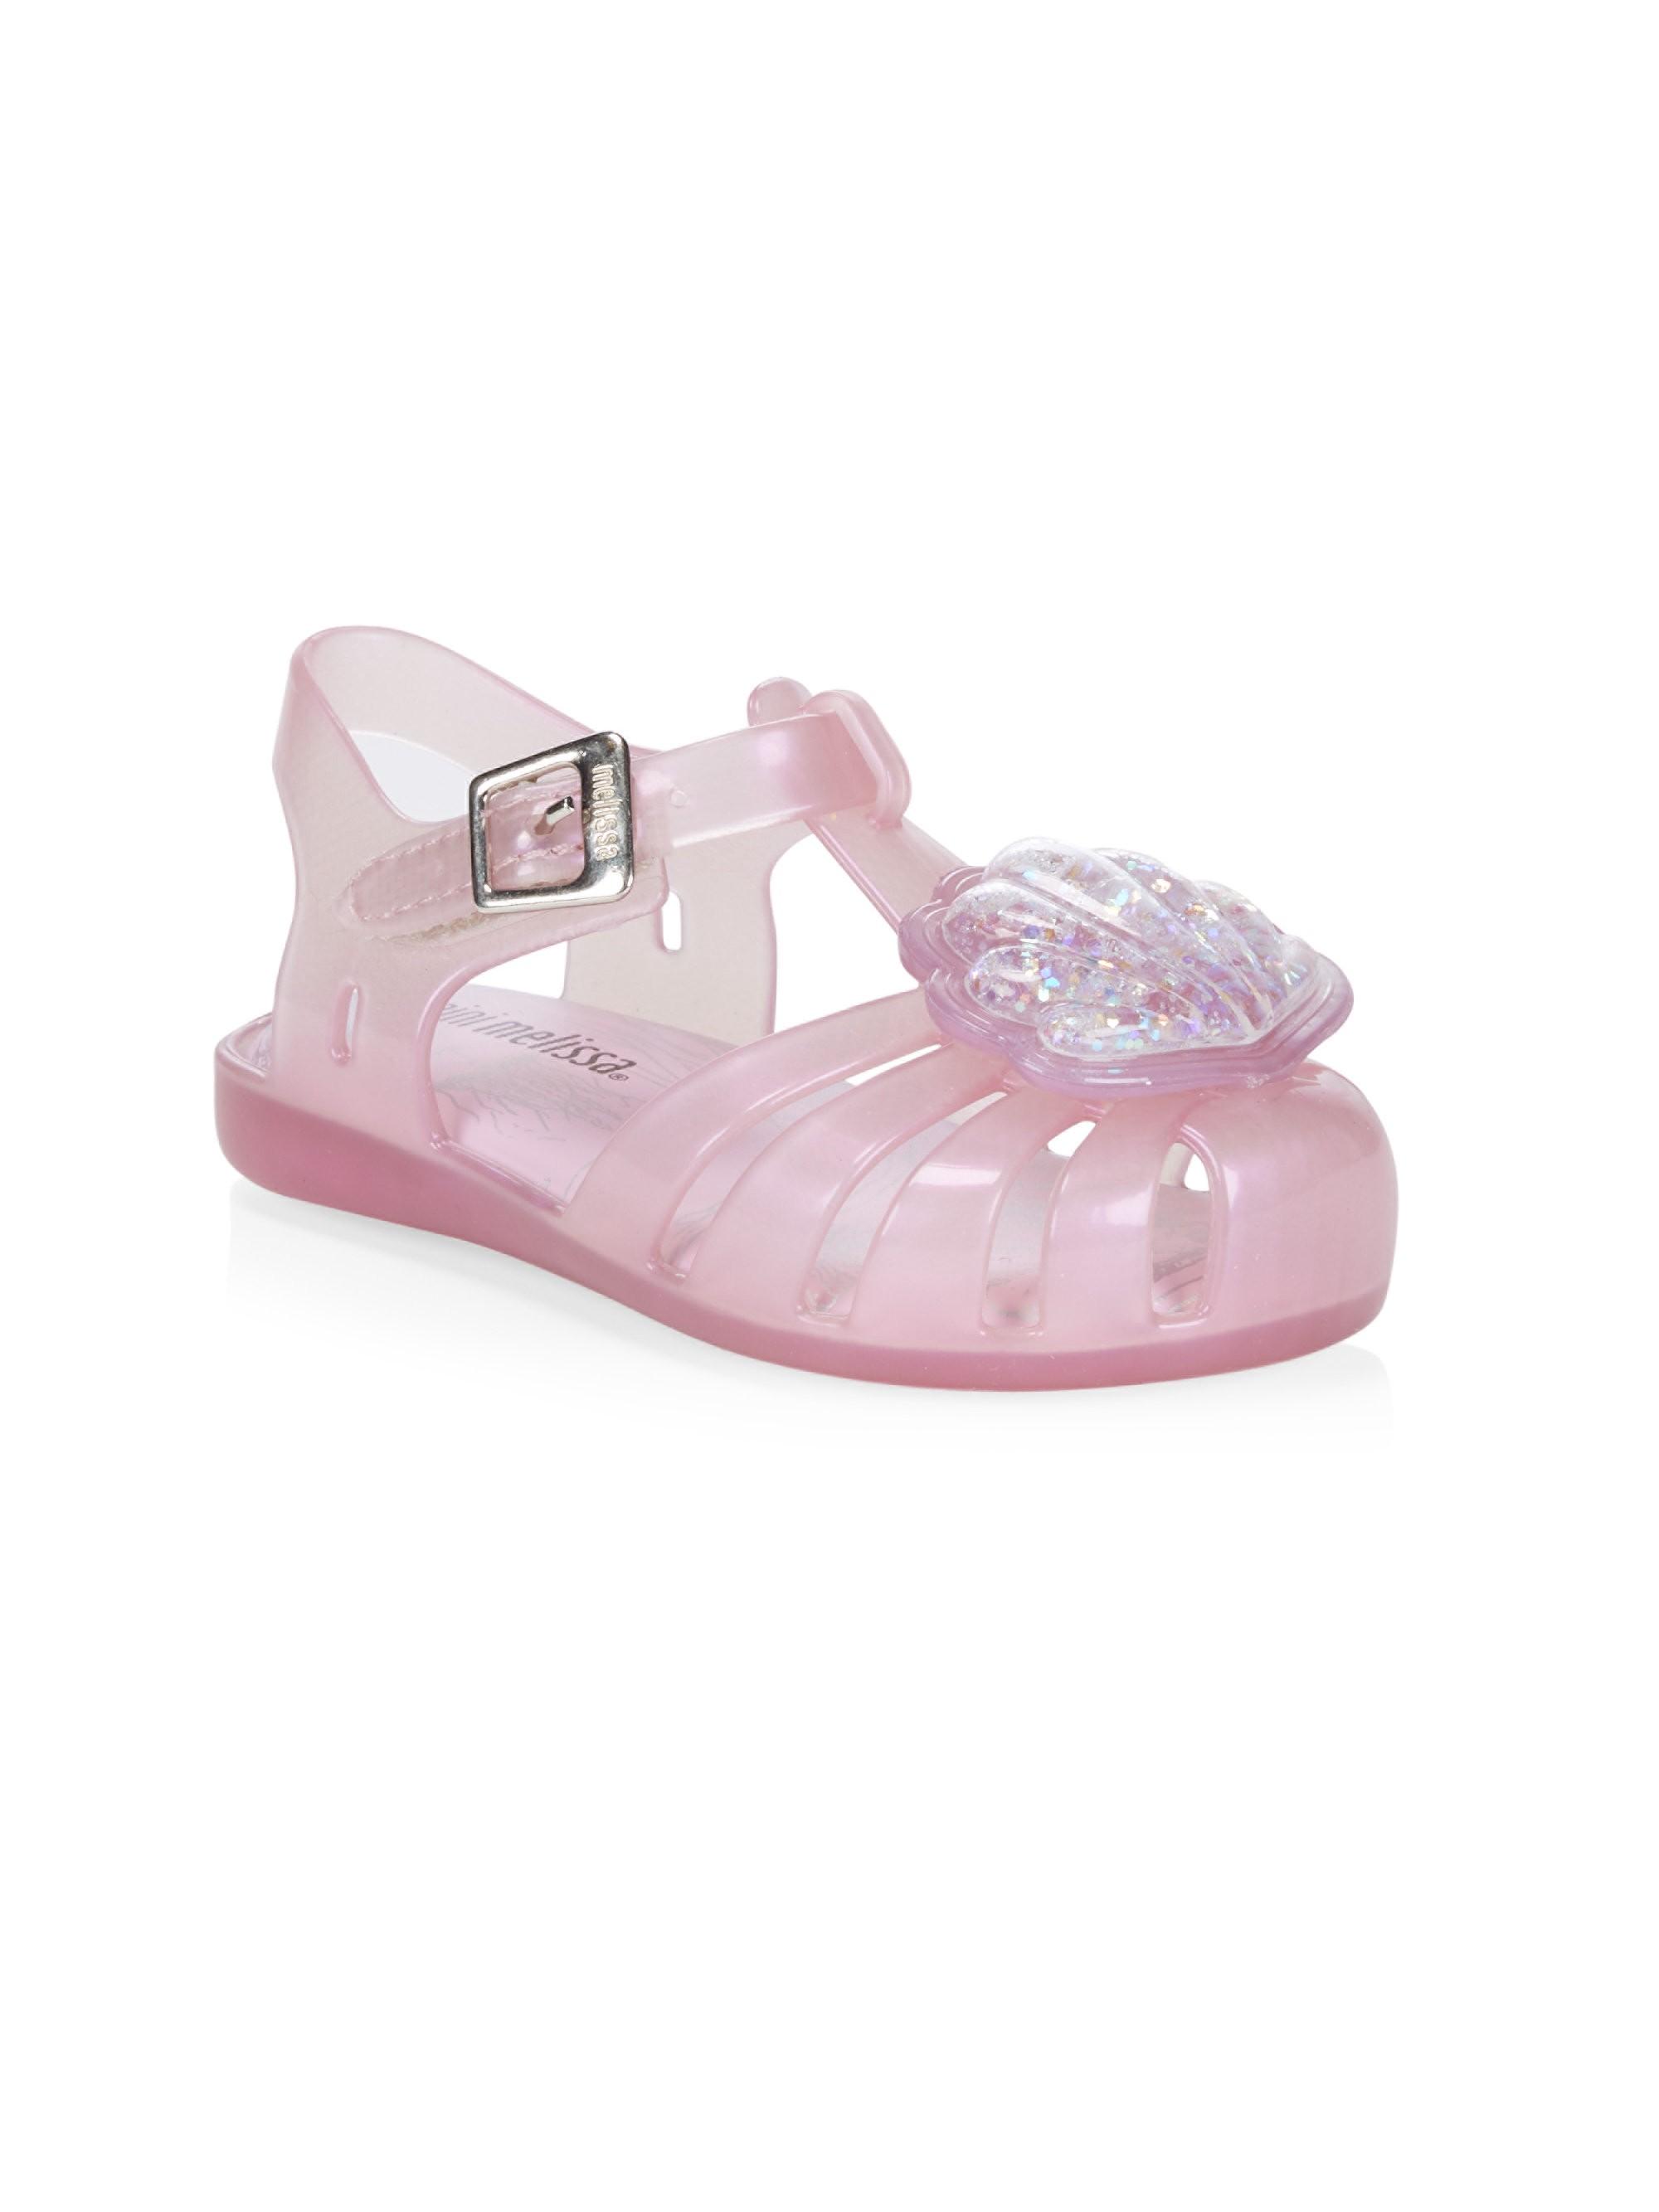 9796ef0b8bce Mini Melissa Baby s   Little Girl s Aranha Xii Shell Shoes - Lavender 10  (Toddler)